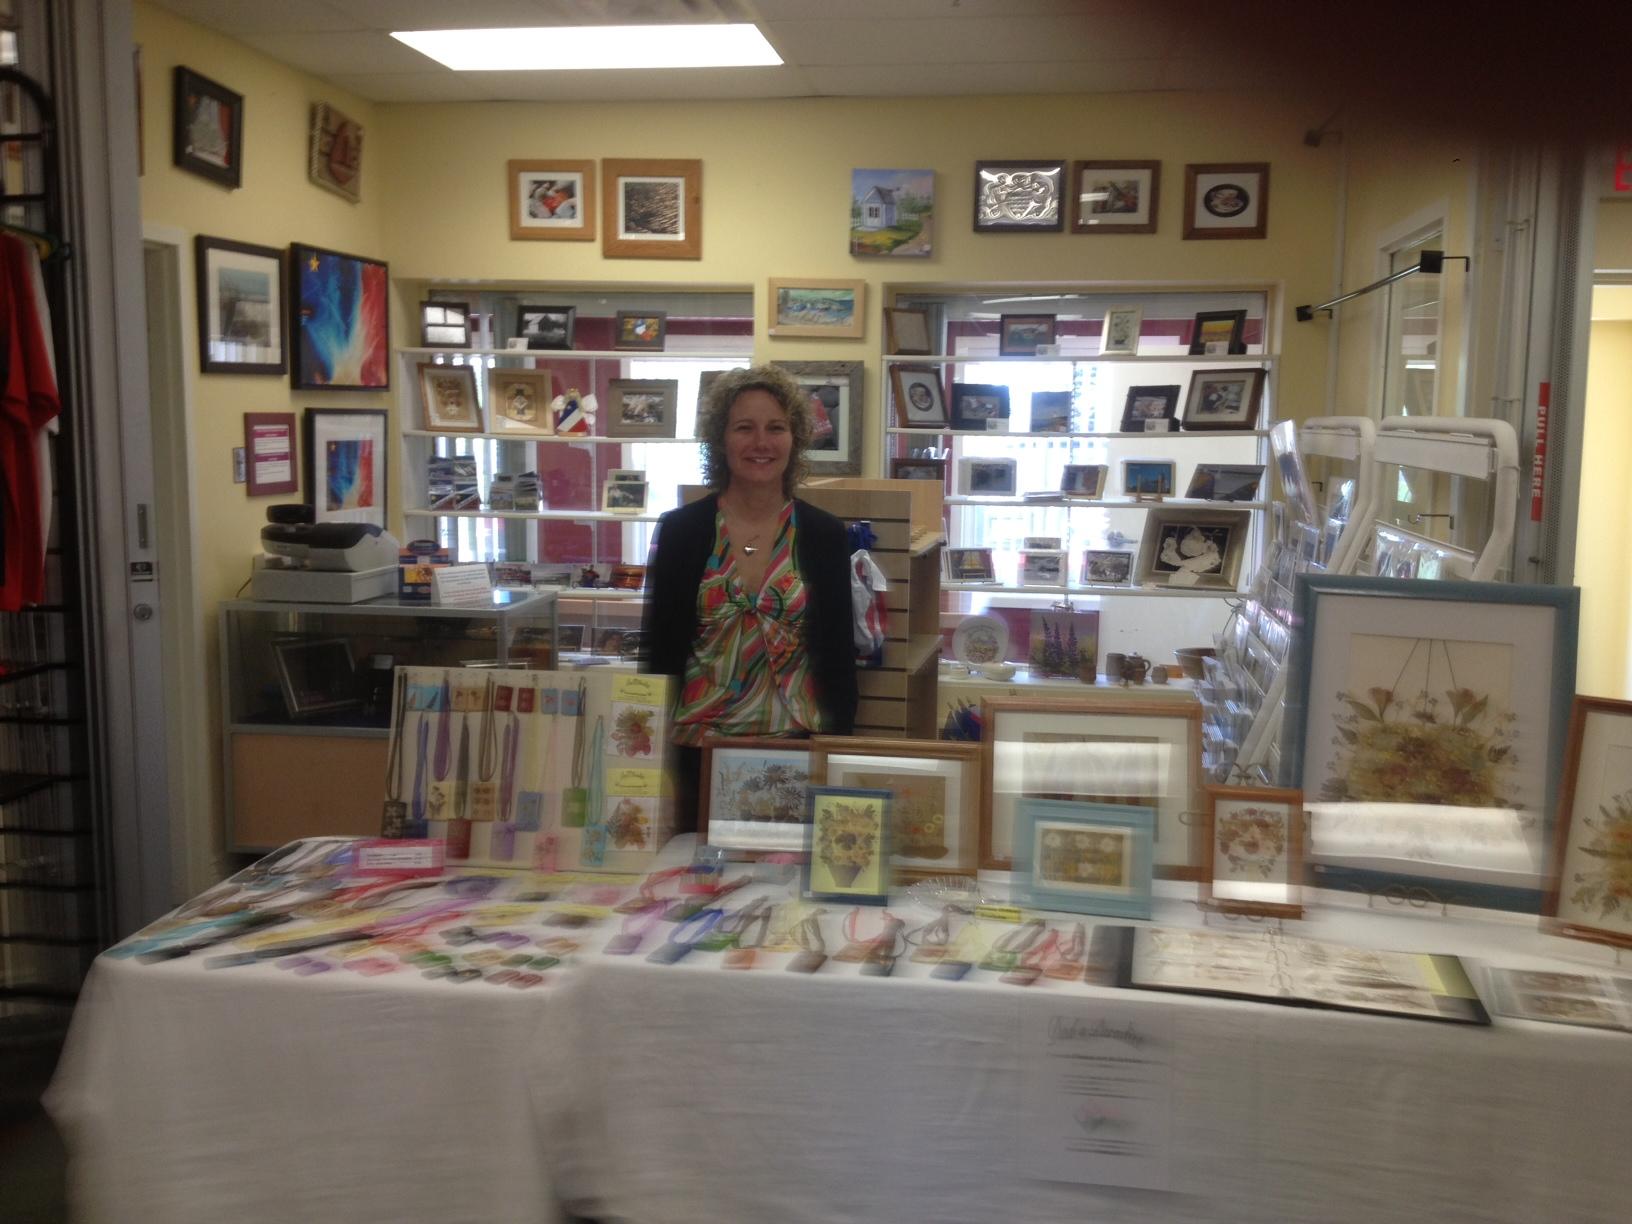 L'artiste Cindy Myers de la Baie a introduit des nouveaux produits au marché du 27 mars